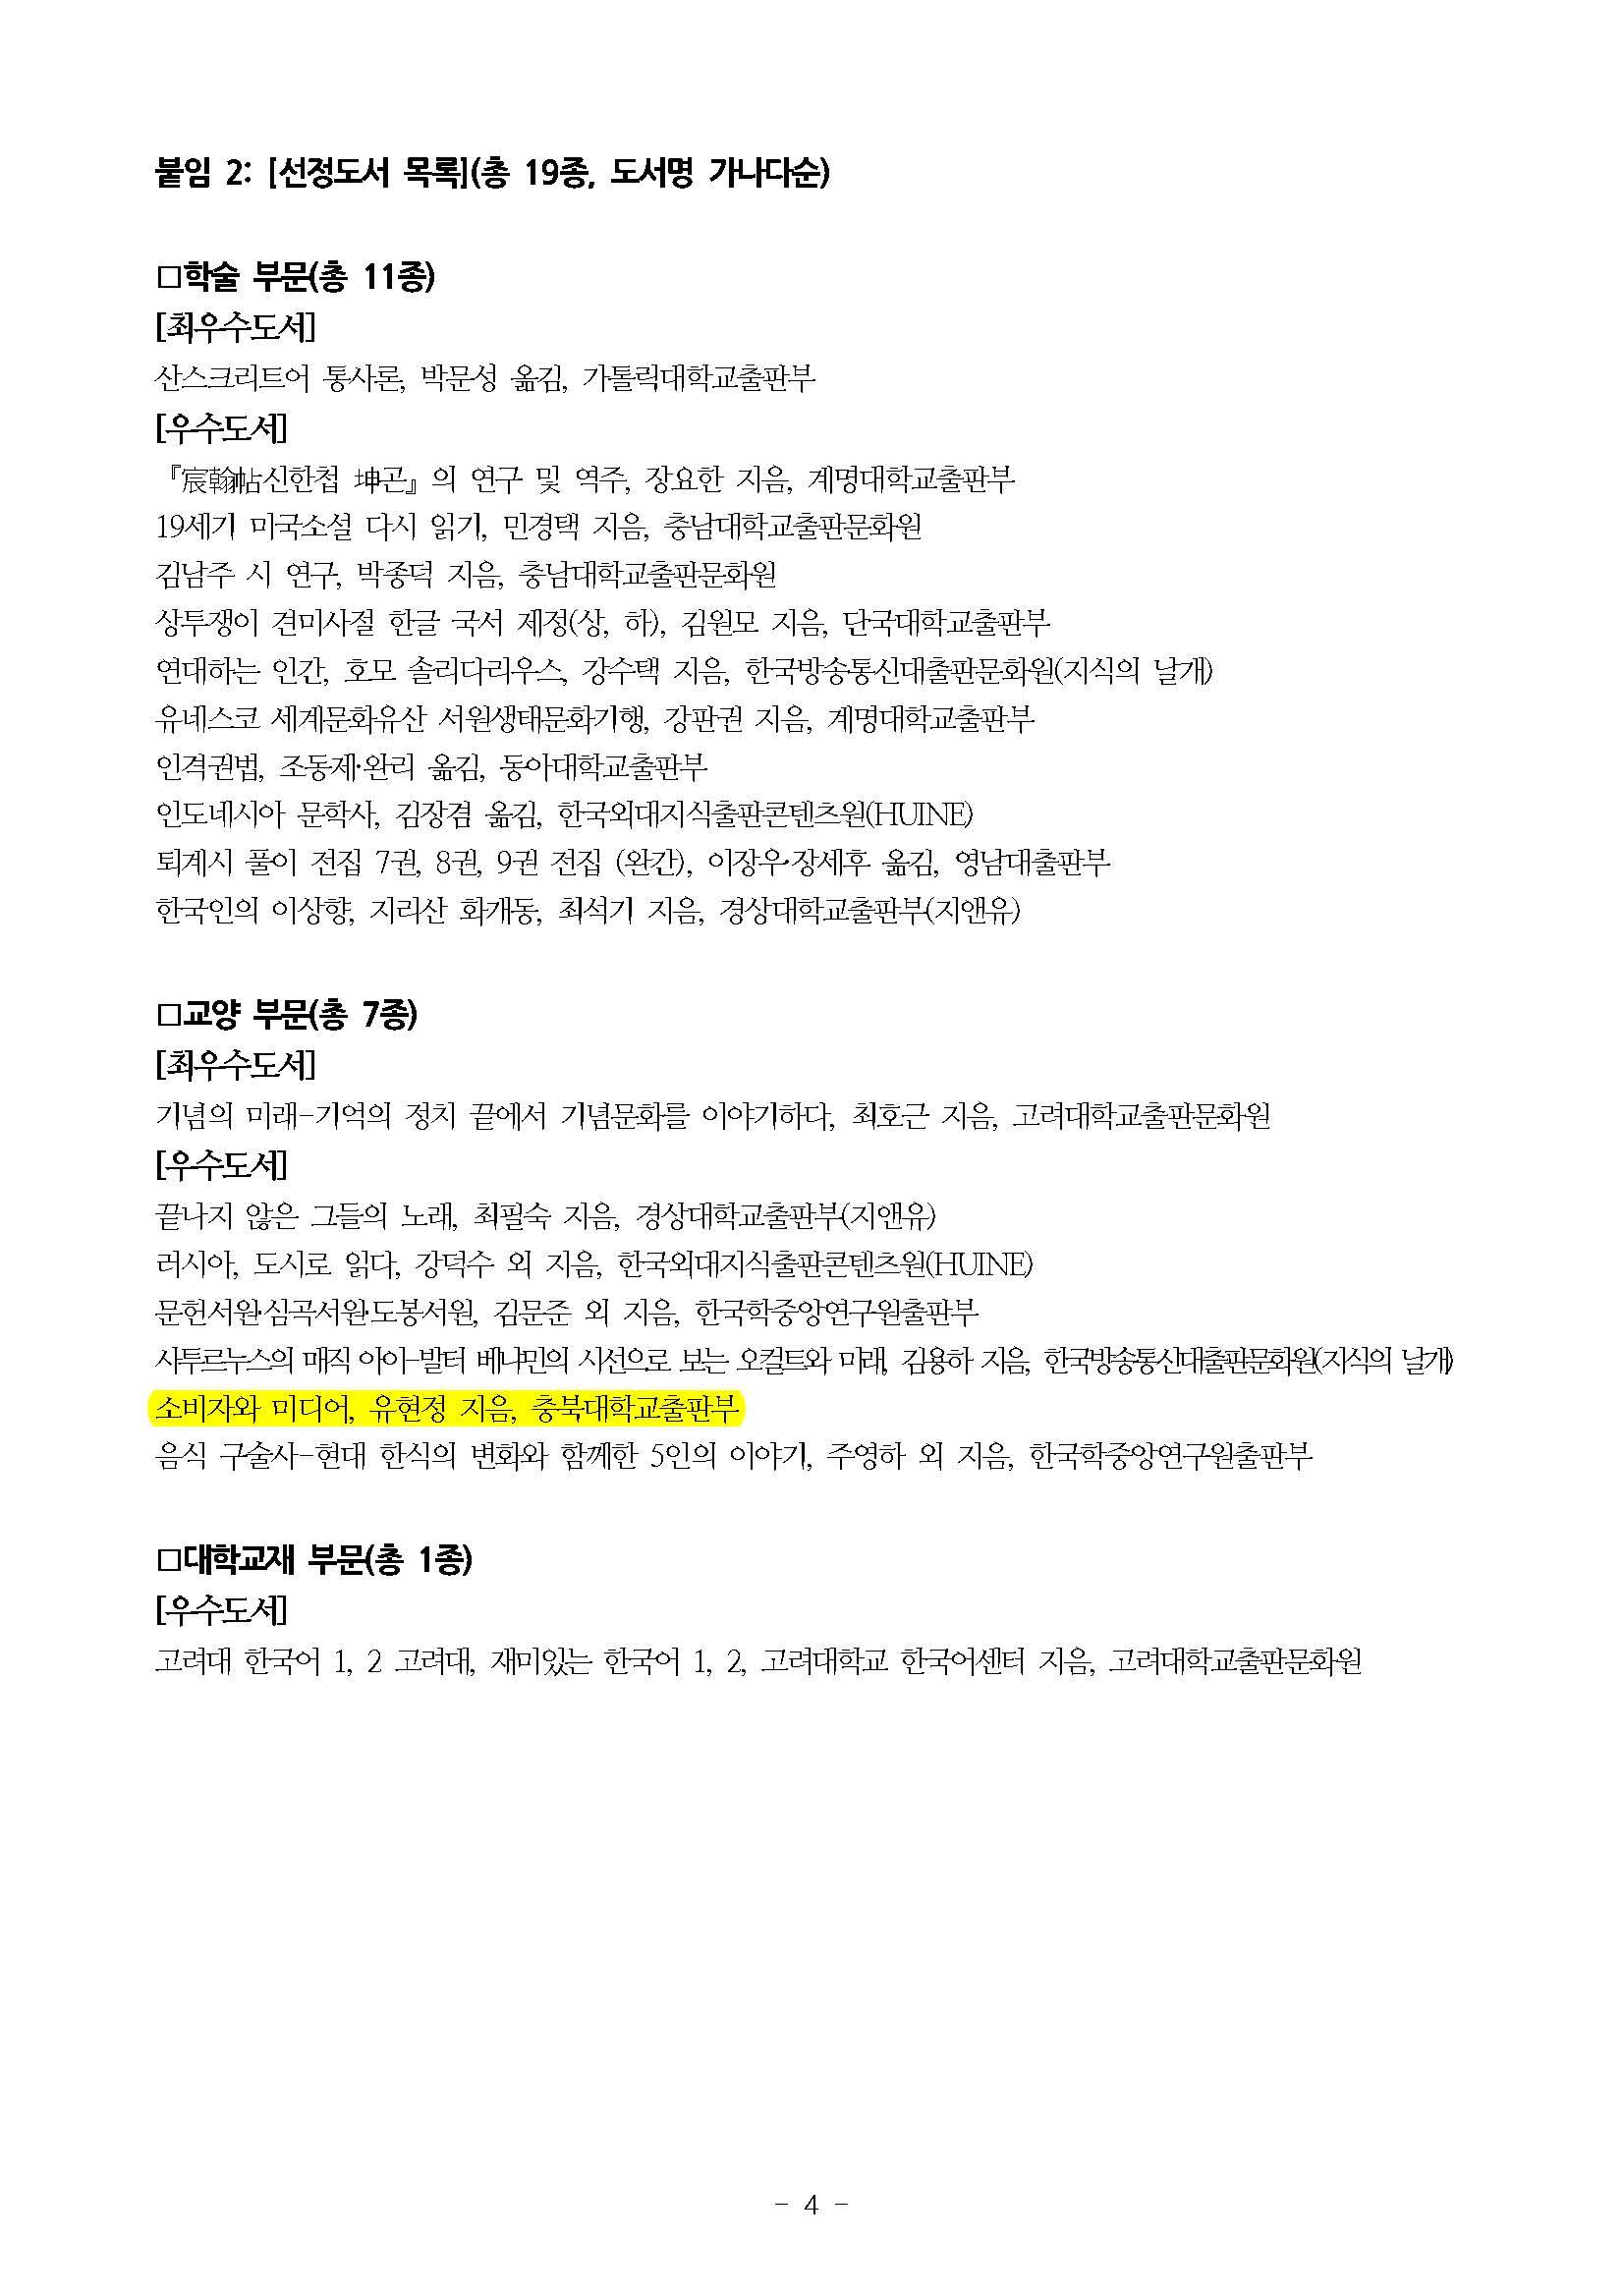 한국대학출판협회 2019 올해의 우수도서 선정 결과 알림(업로드용)_페이지_2.jpg